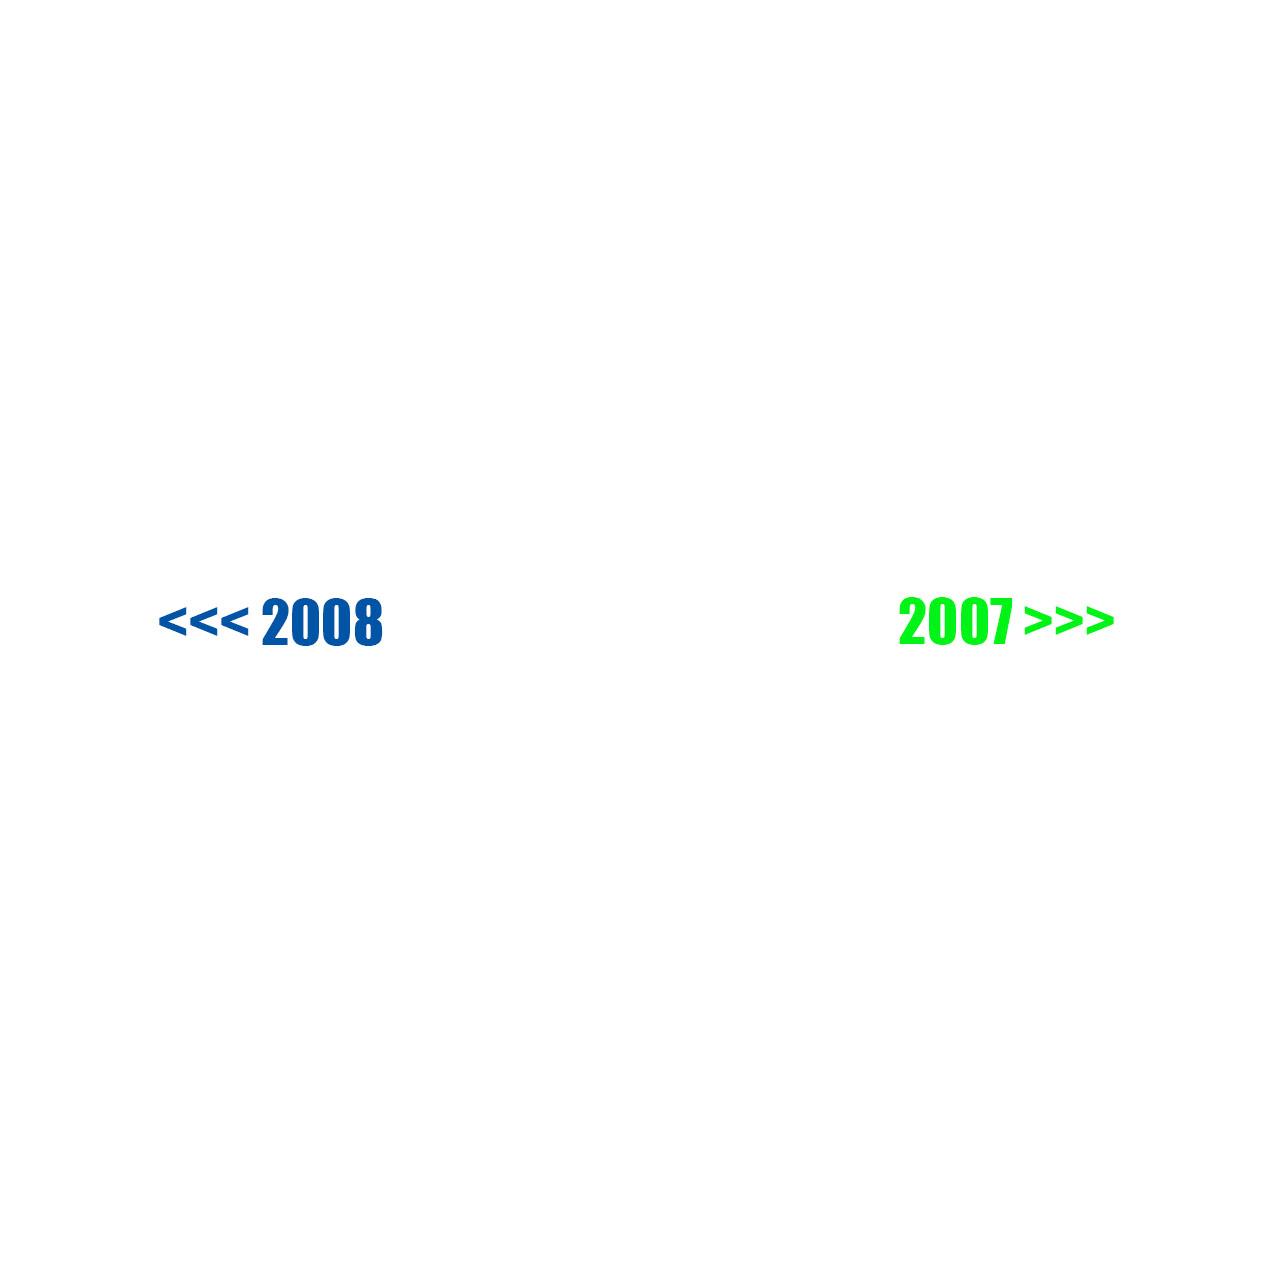 2008_2007_carre1280x1280